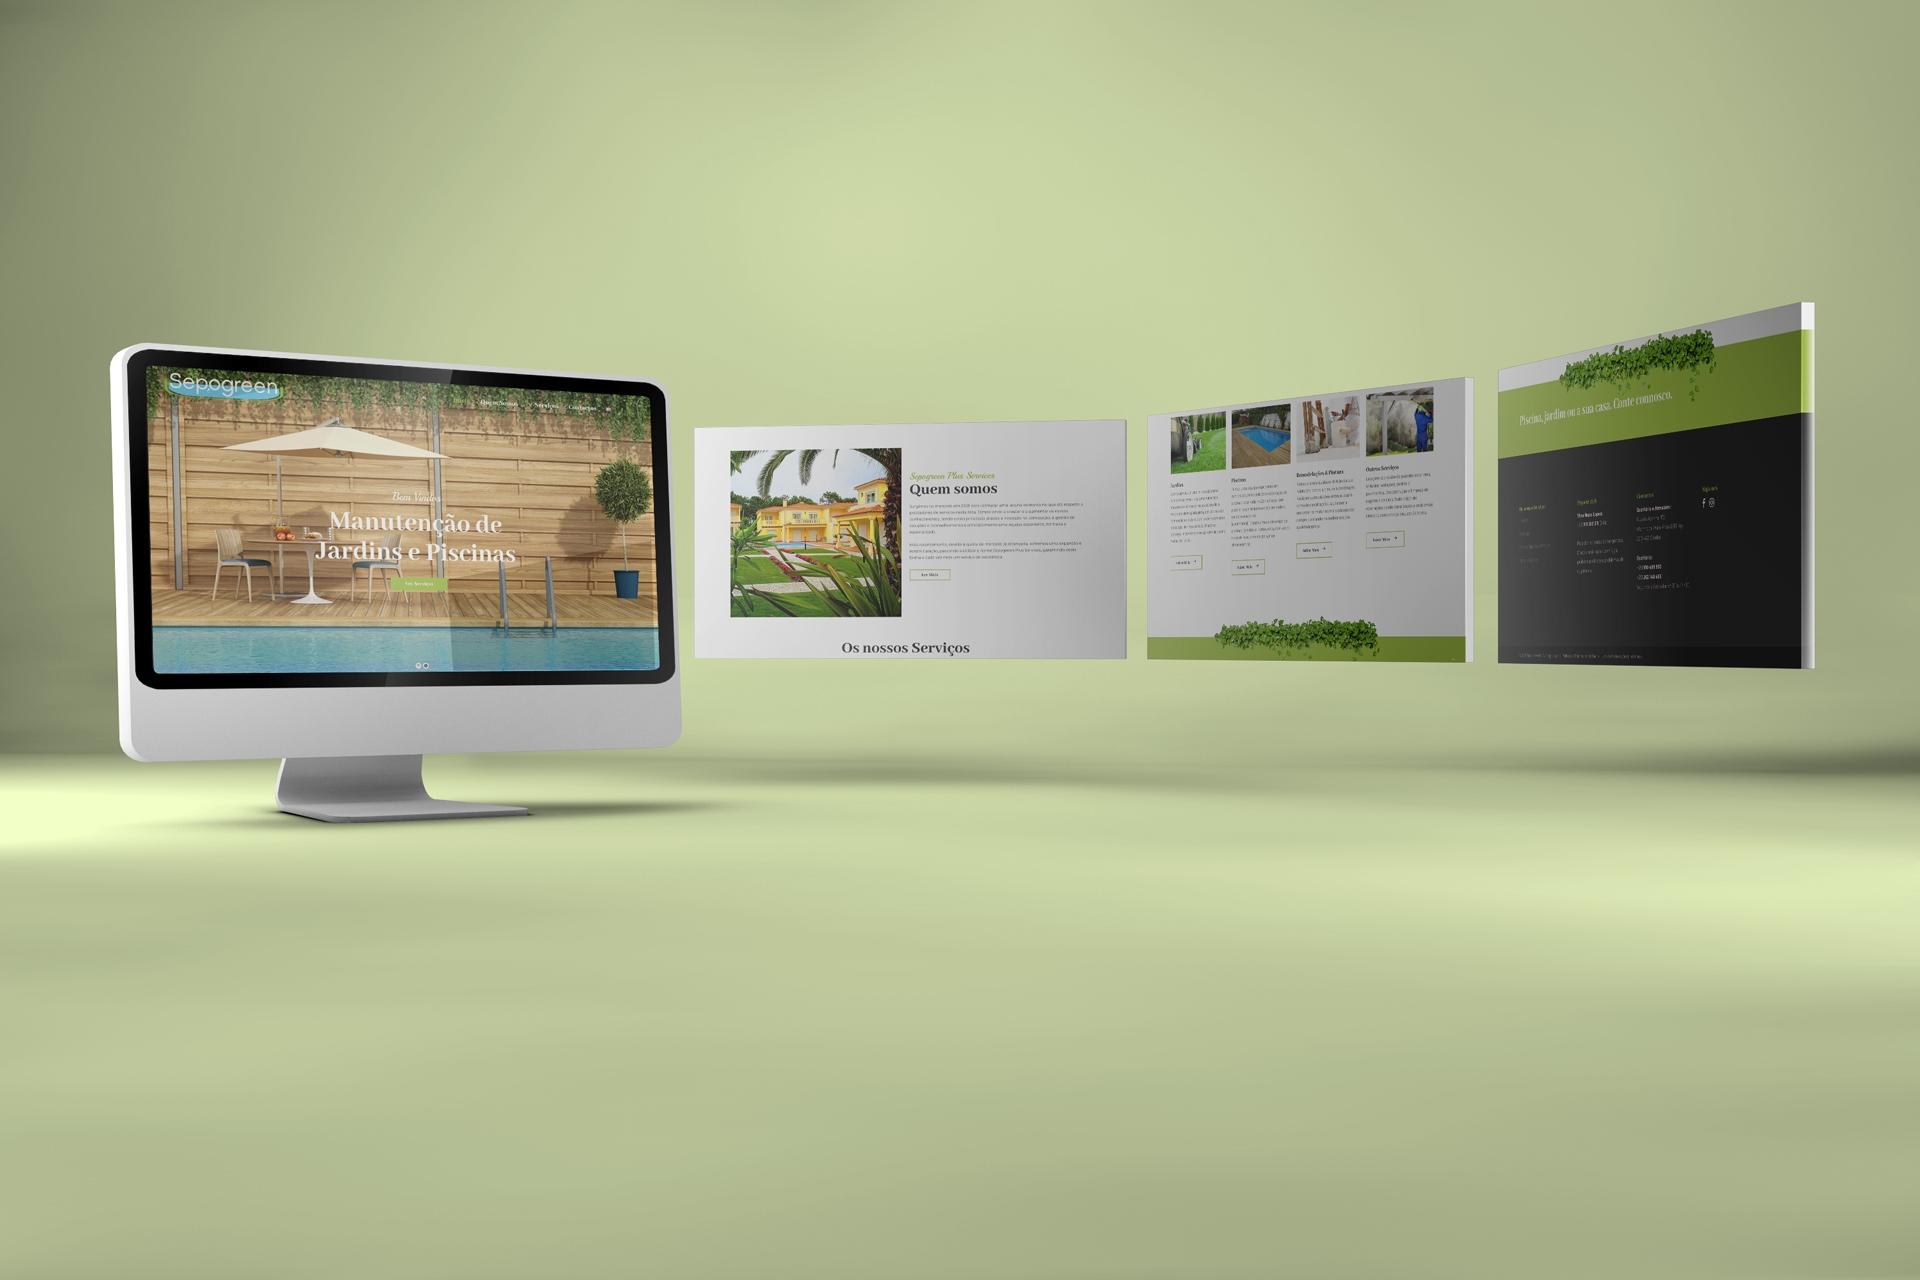 sepogreen-website1